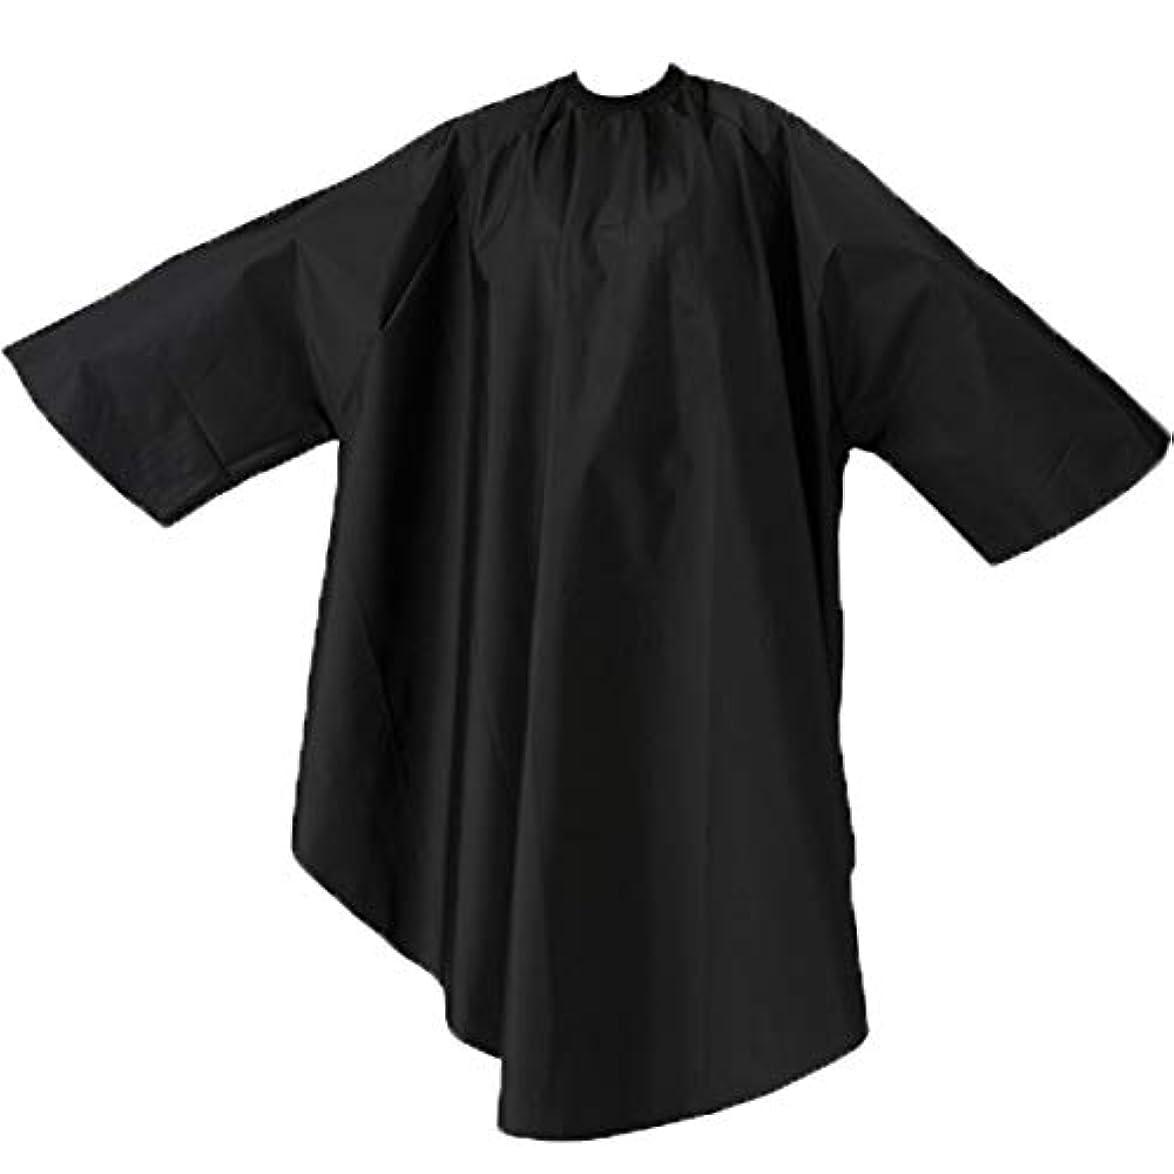 バケット自分の説教するエルコ 9762 ザ?クロス SKITT II 袖付 ヘアダイ&カットクロス ナイロン100% ヘアカラー/散髪ケープ/カットクロス/刈布 ELCO (首回り52cm, ブラック)